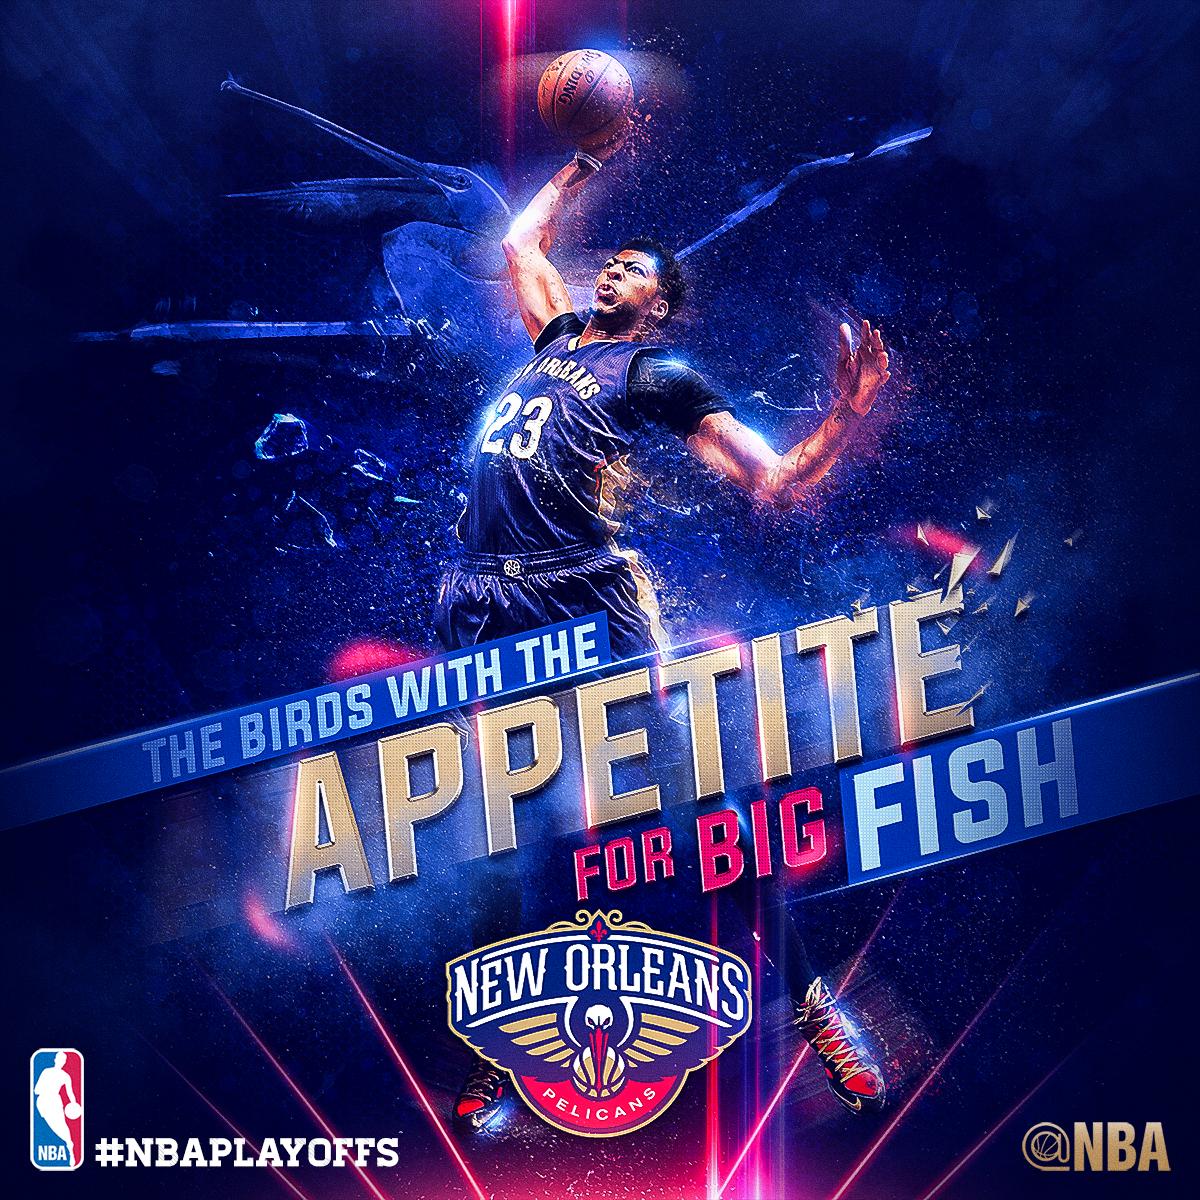 NBA Social Media Artwork 2 on Behance Sports design